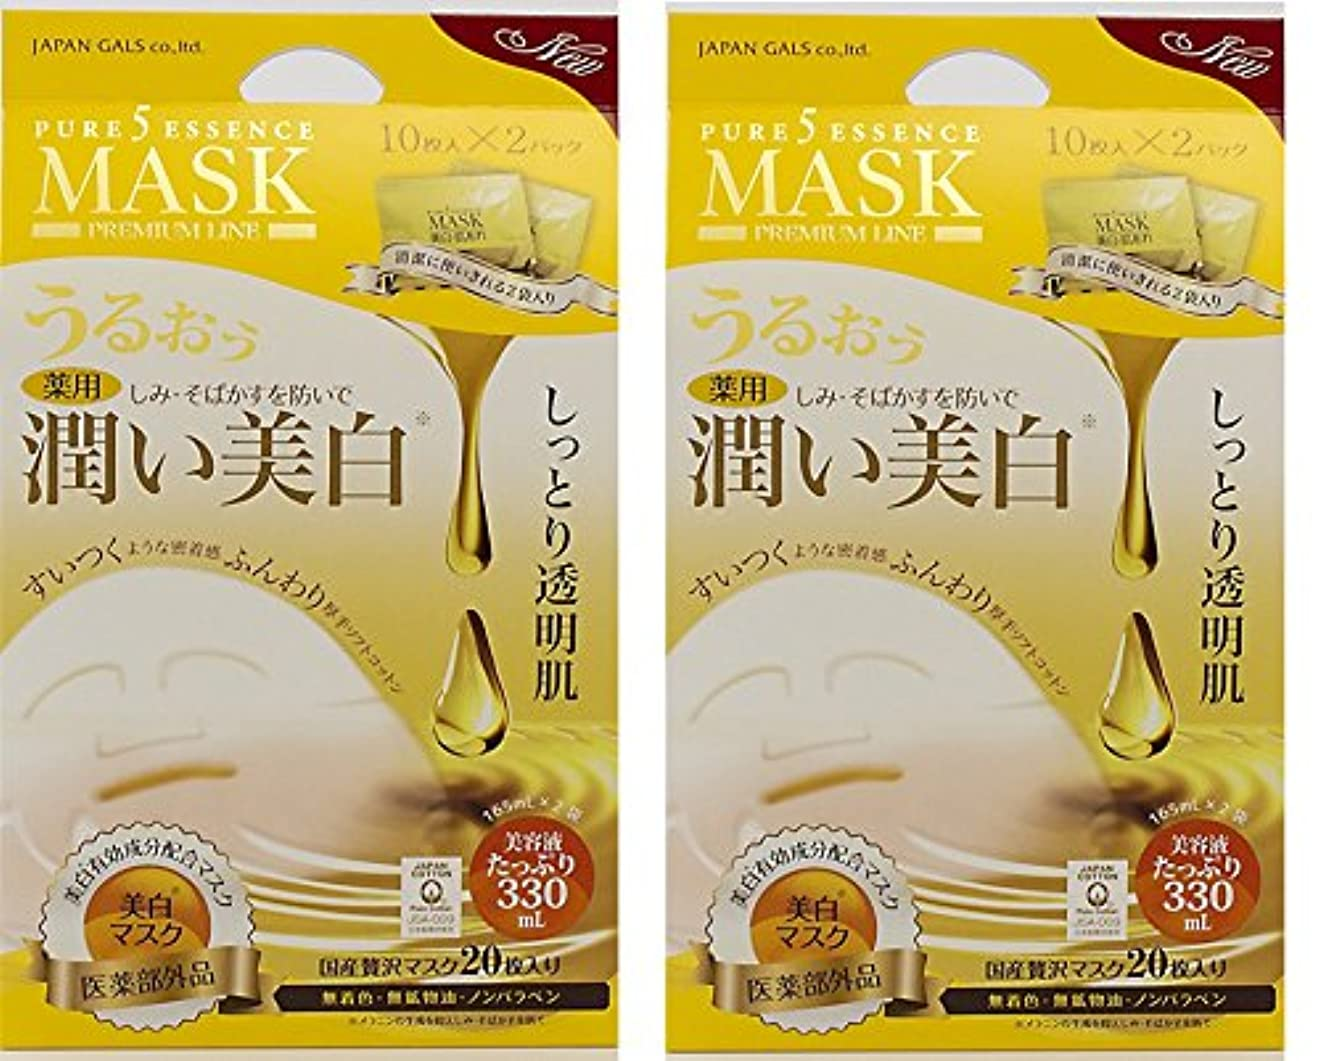 議題エトナ山公爵【お得なまとめ買い】ジャパンギャルズ ピュア5エッセンスマスク(薬用) 10枚入り×2袋【2個セット】